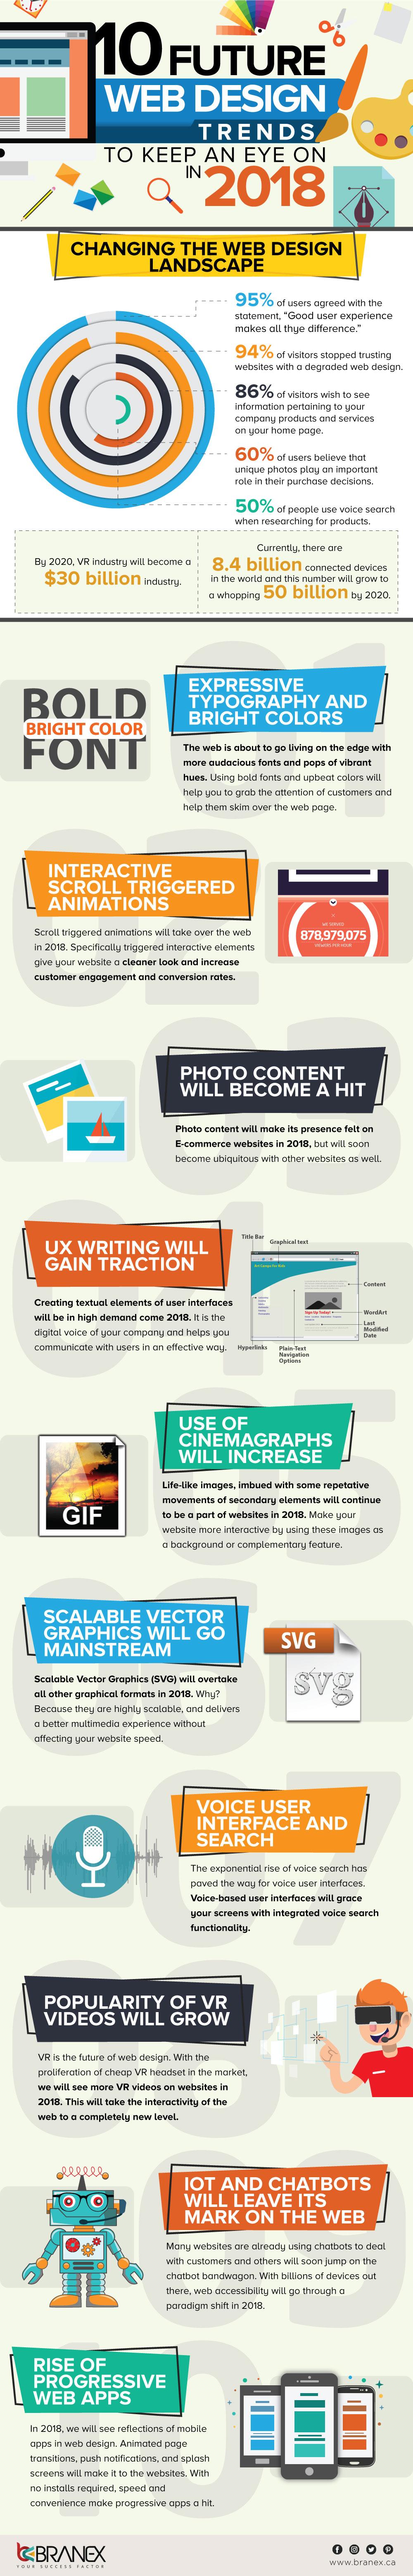 10-Future-Web-Design-Trends-In-2018.